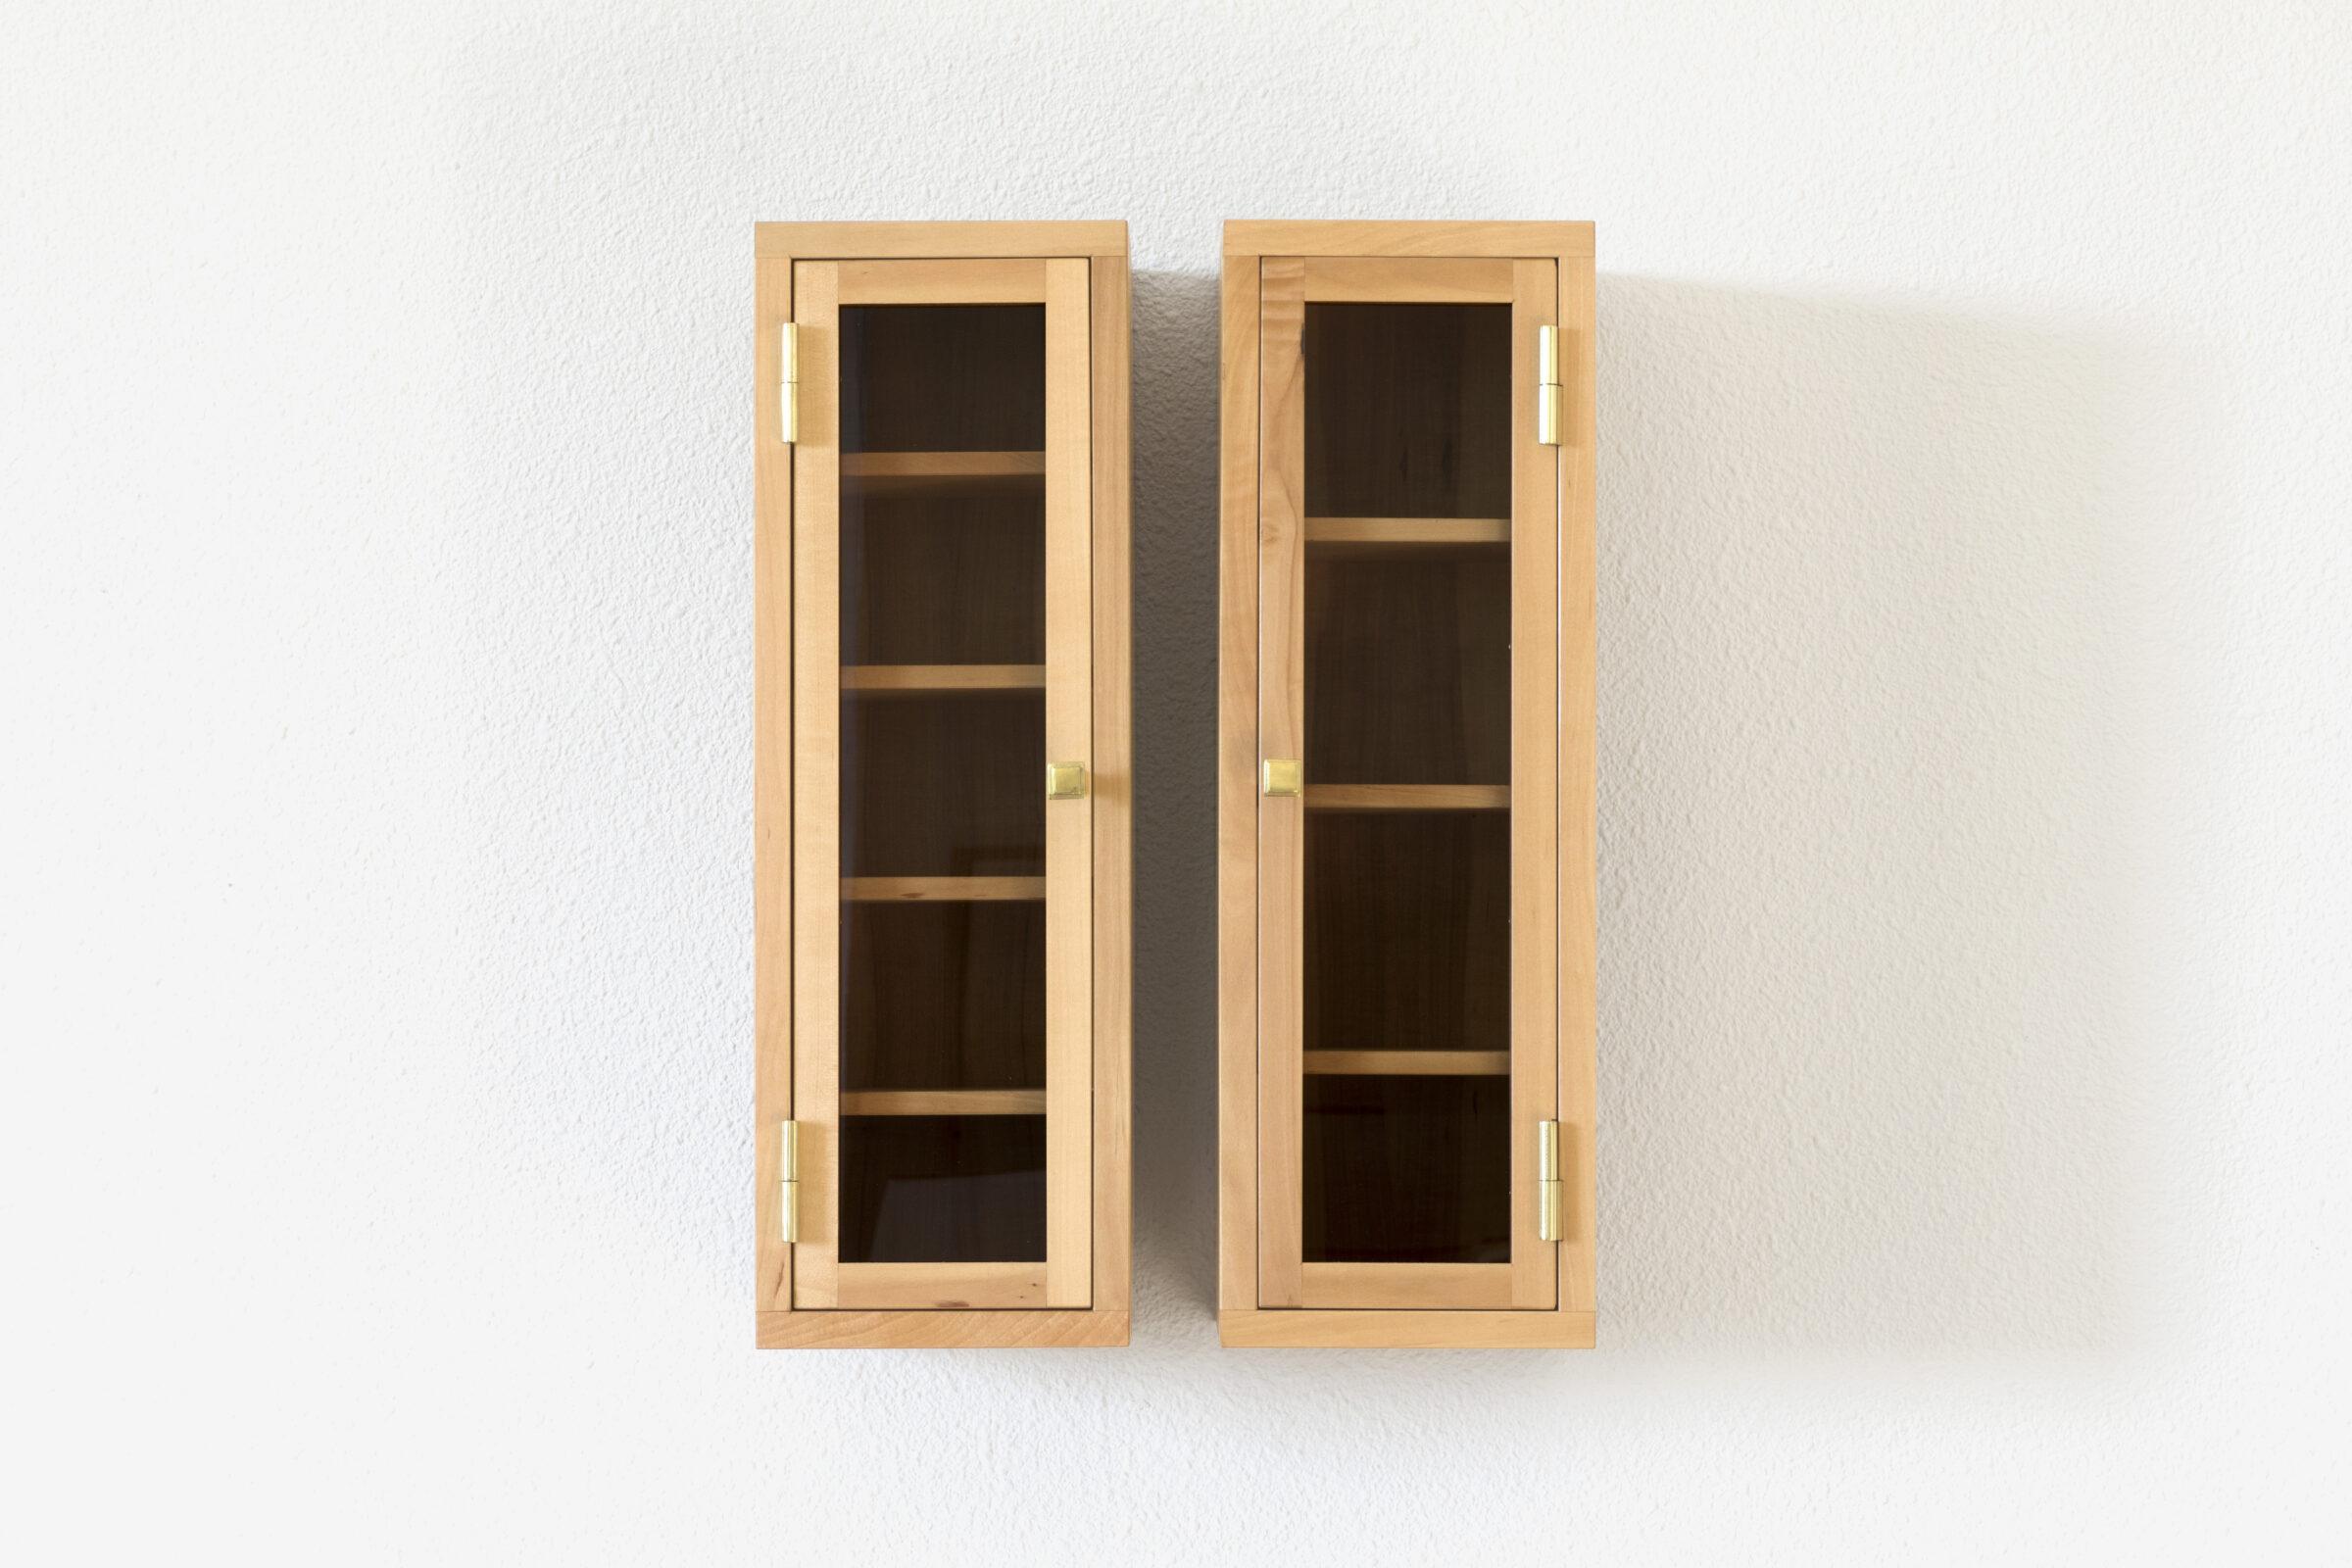 Glasschränkchen, vorne, Massivholzmöbel handgemacht, Hochwertige Möbel aus Massivholz, Holzoberflächen handgehobelt, Einzelmöbelstücke, The Trees of Life